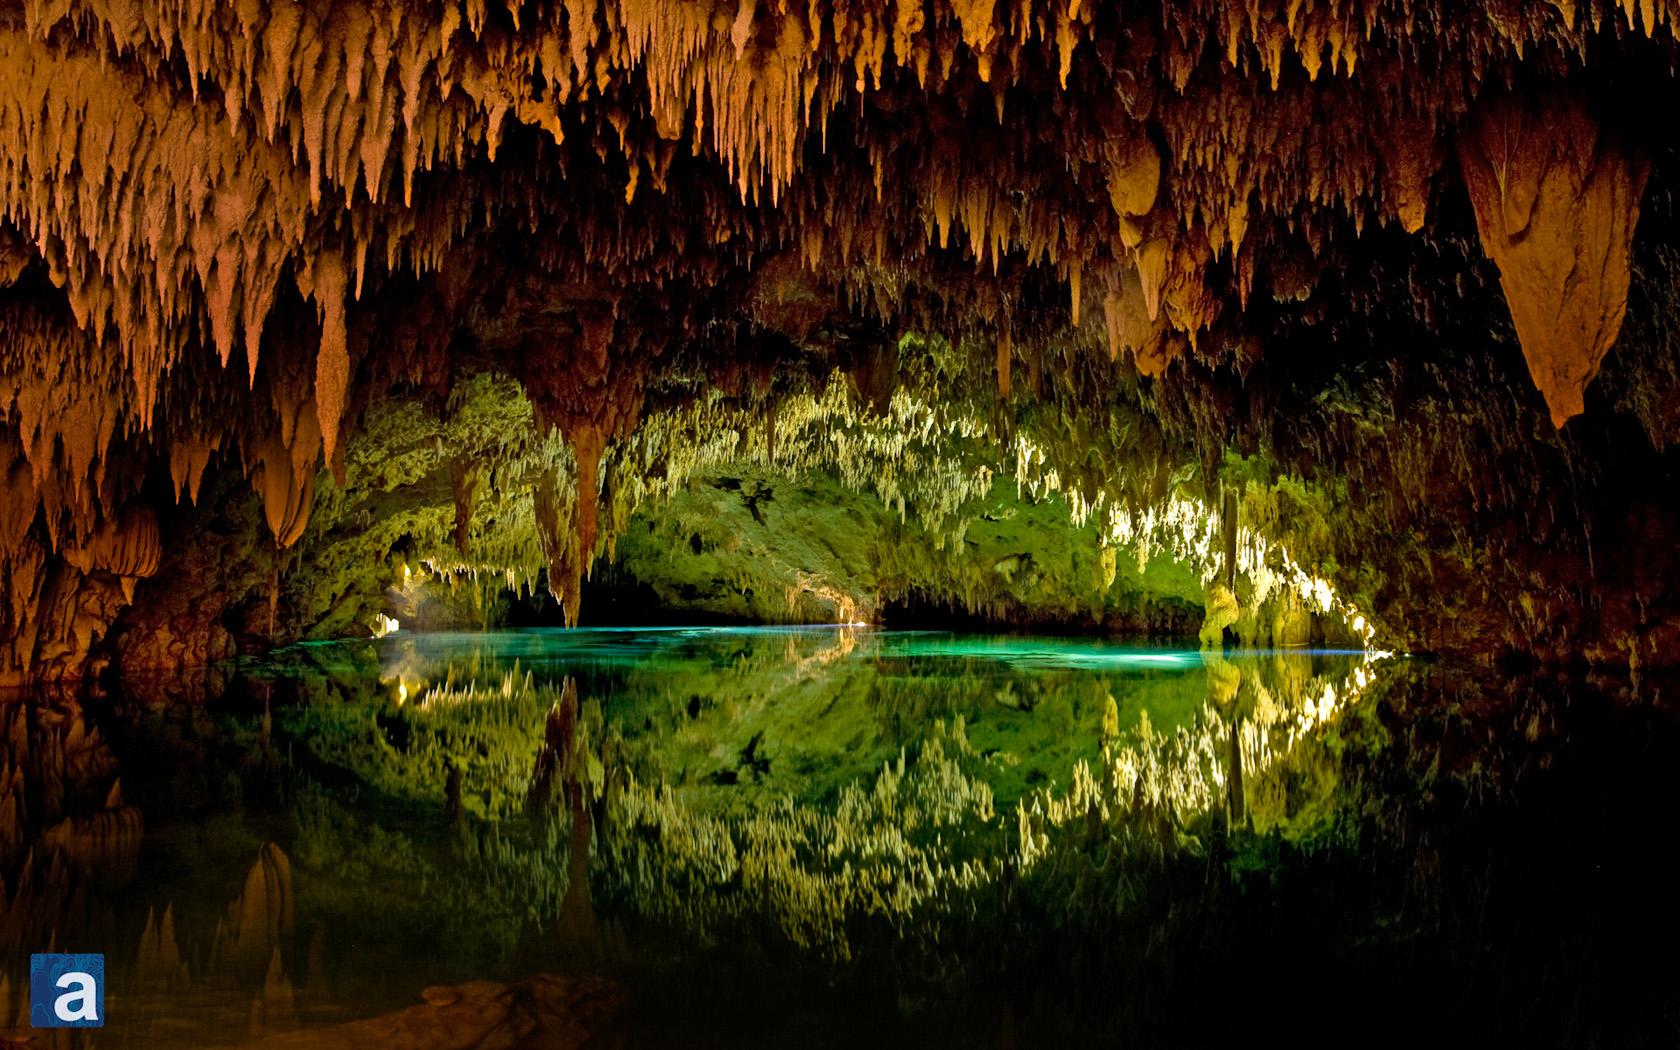 Wallpaper Cave Wallpapersafari